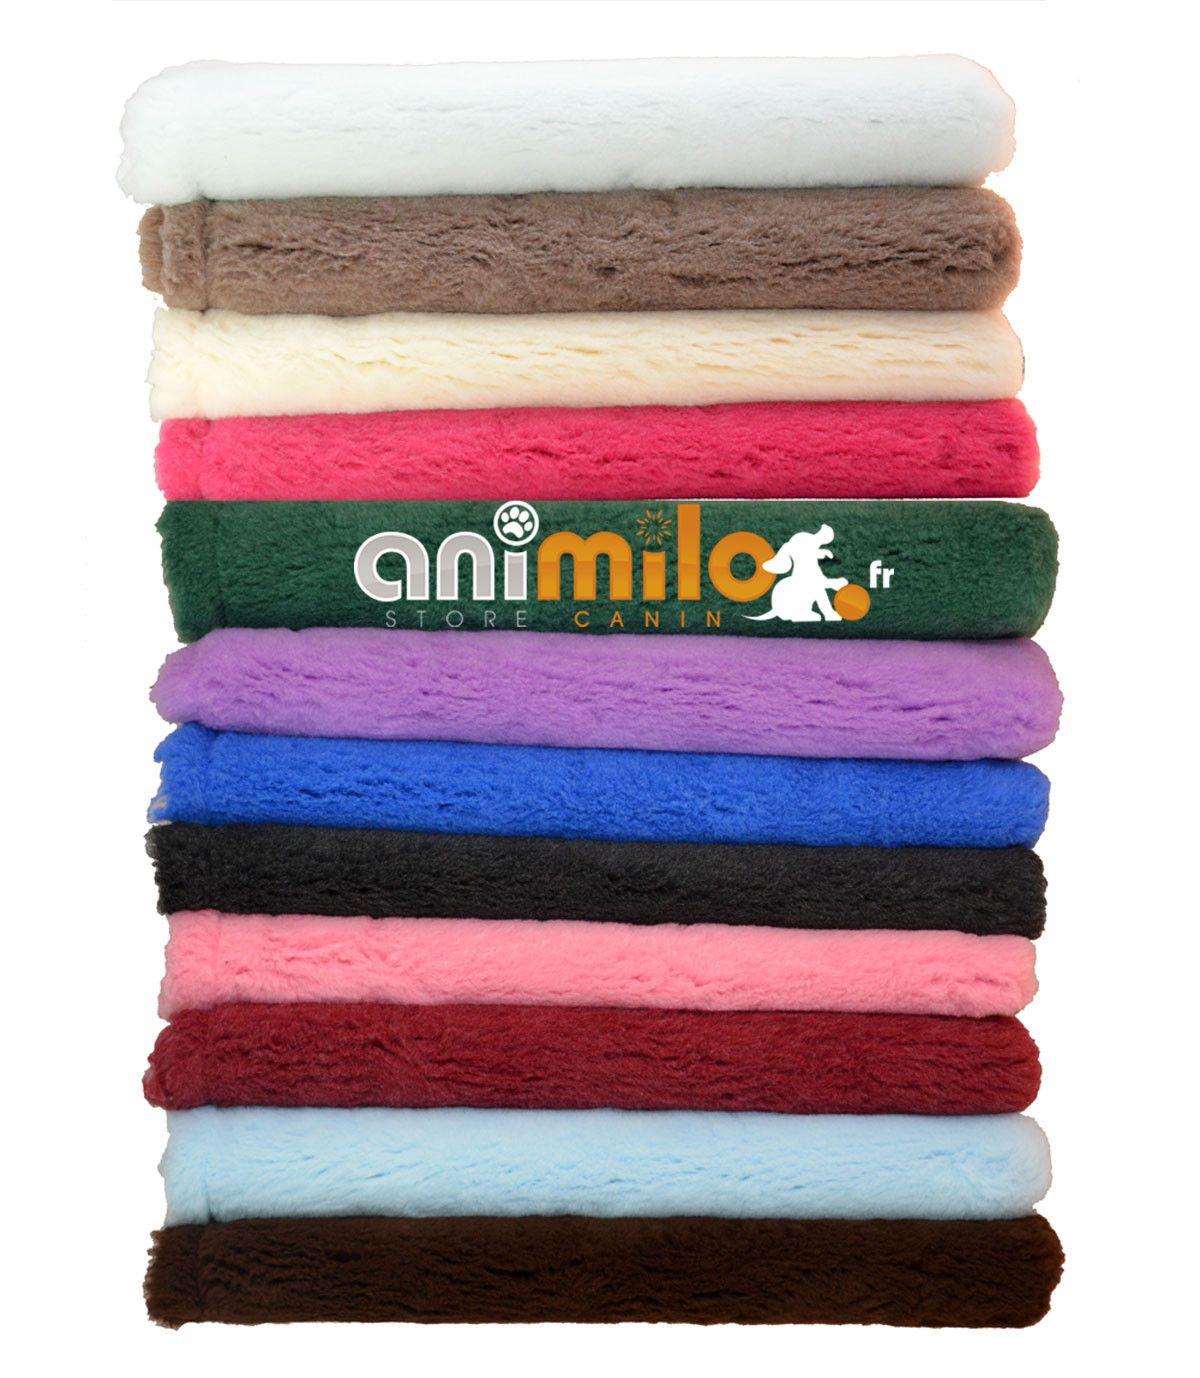 PROMO 6x tapis drainant Confortbed Eleveur couleur unie 26 mm